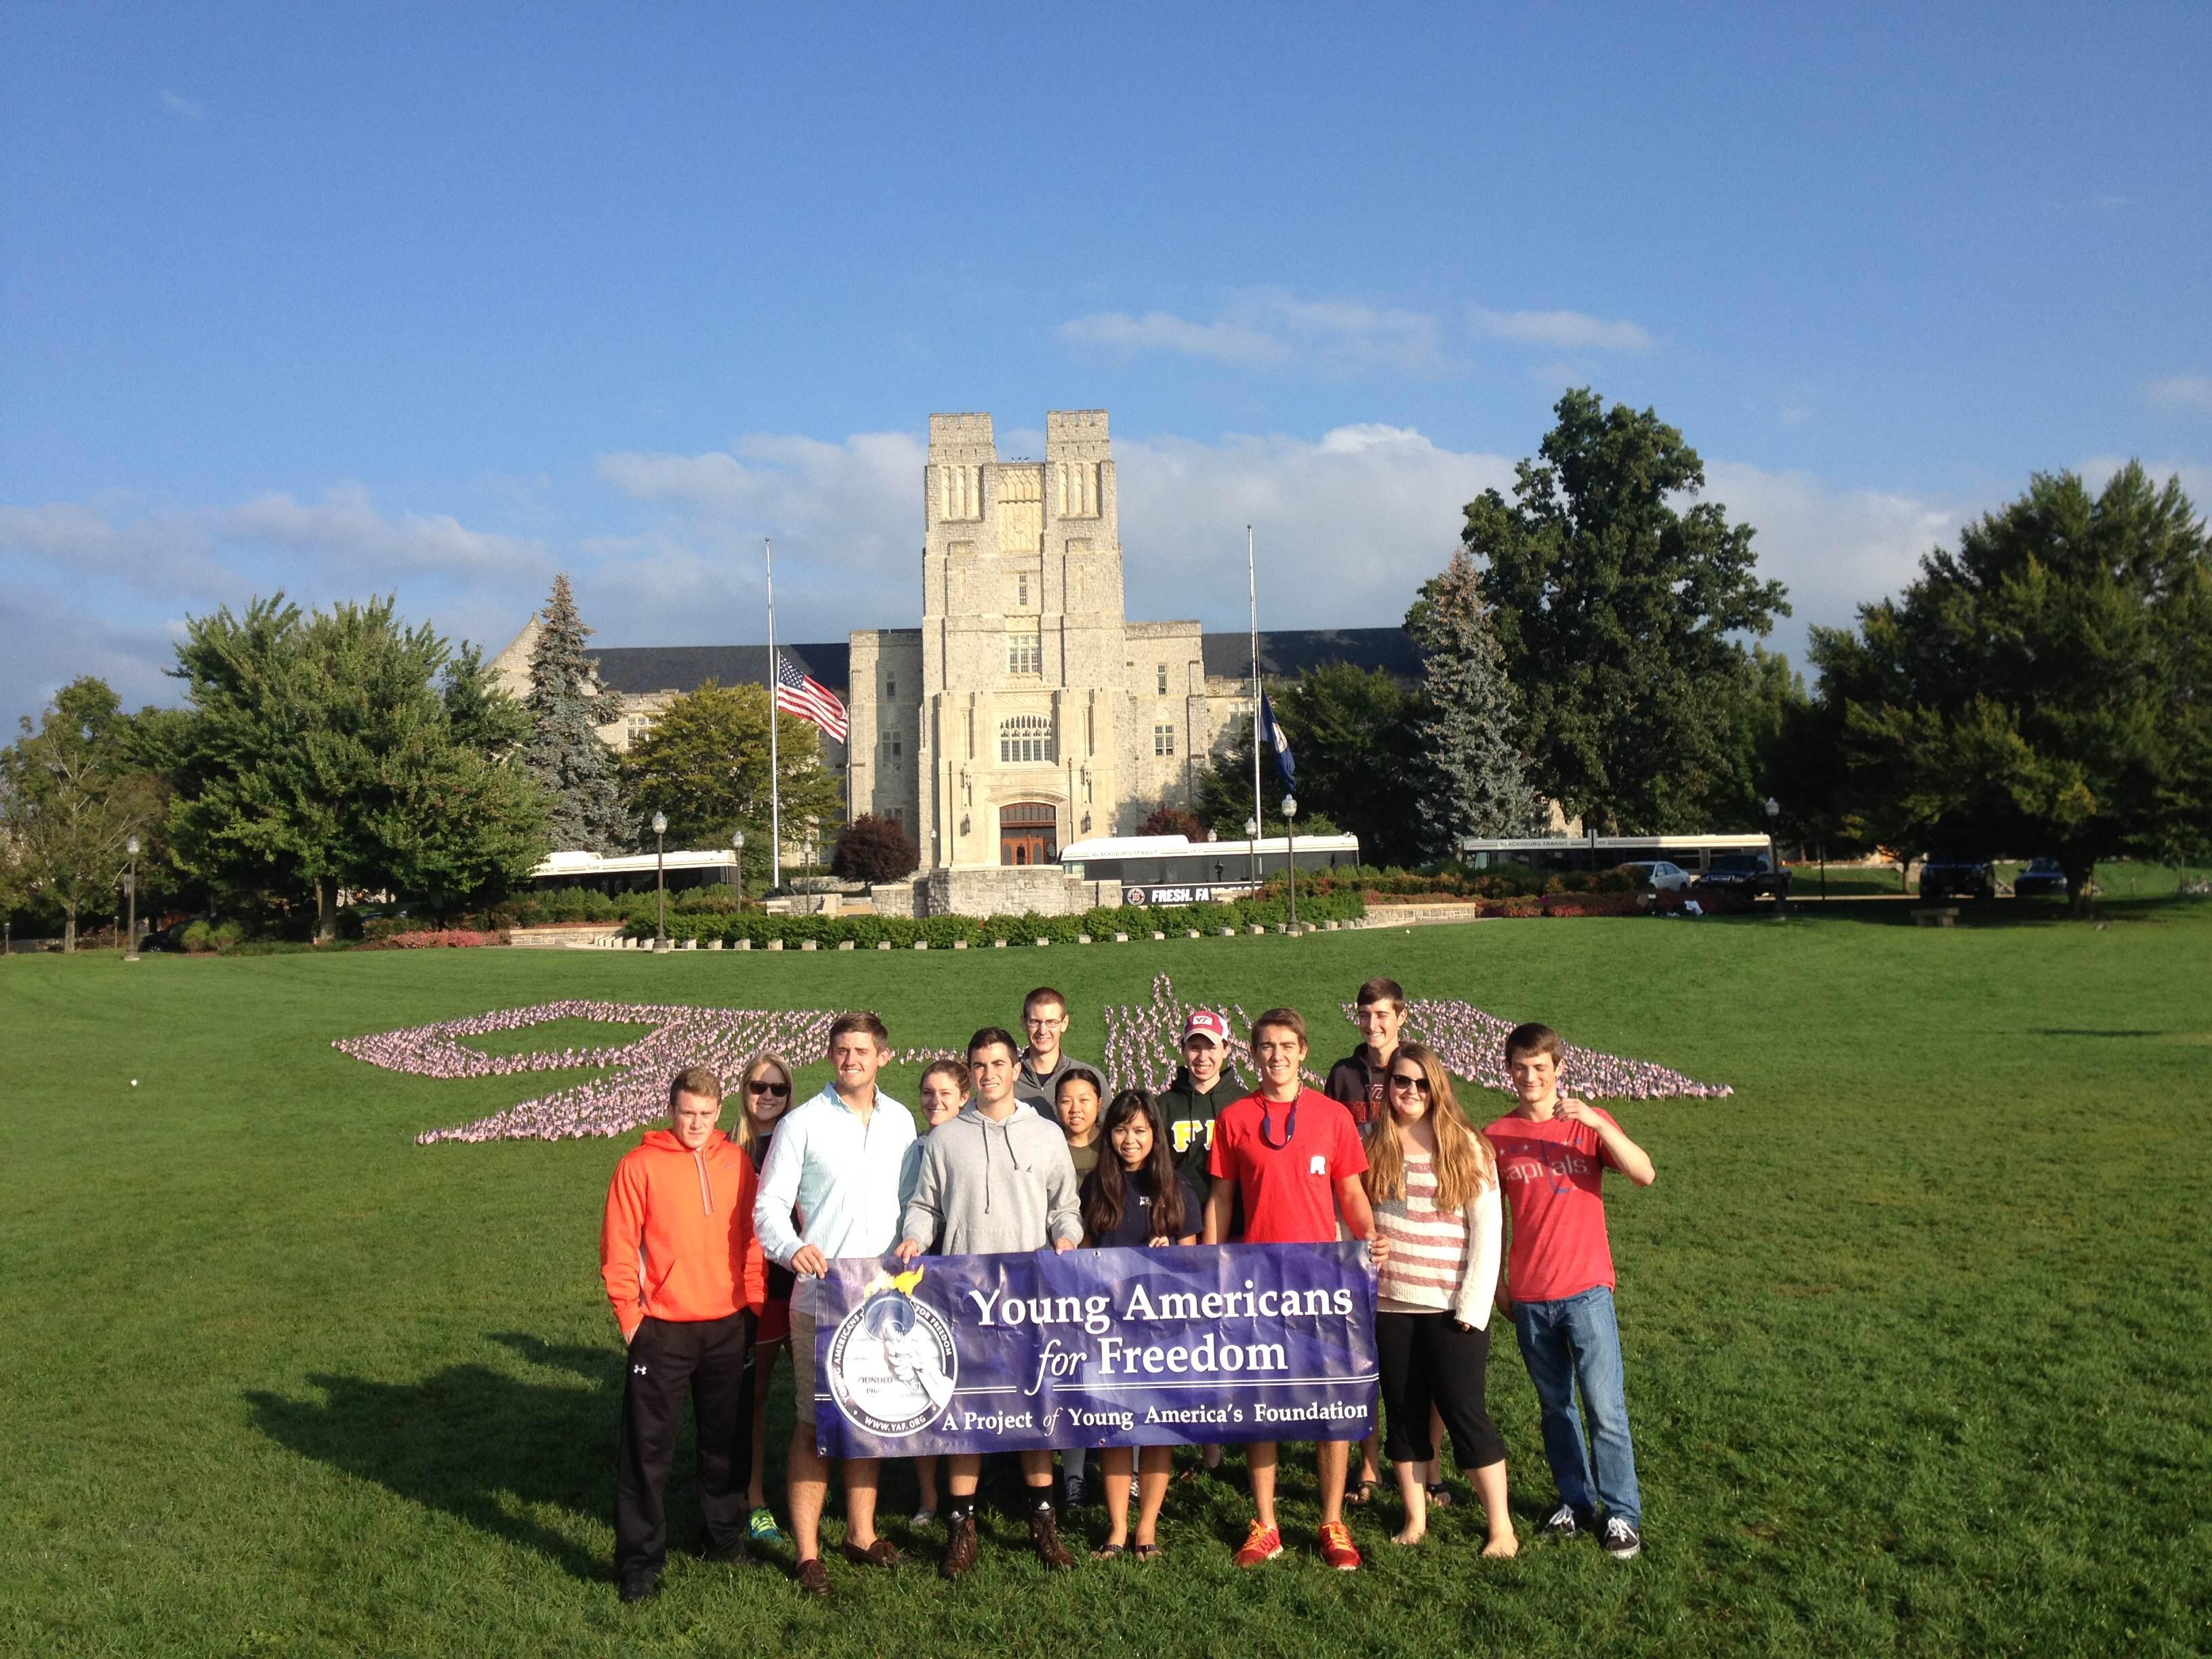 Virginia Tech 2014